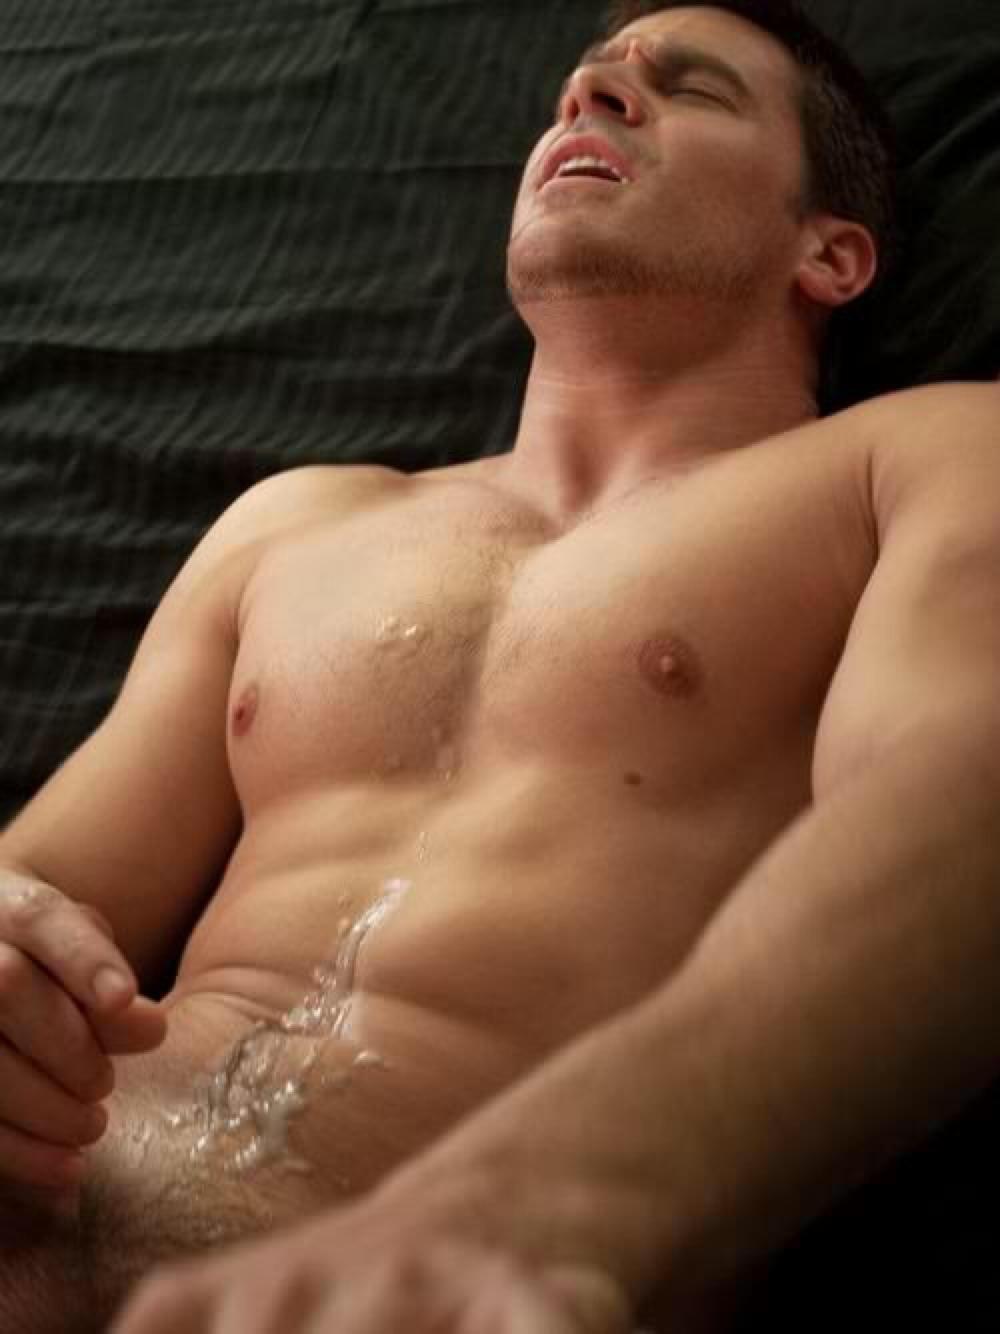 kak-usilit-muzhskoy-orgazm